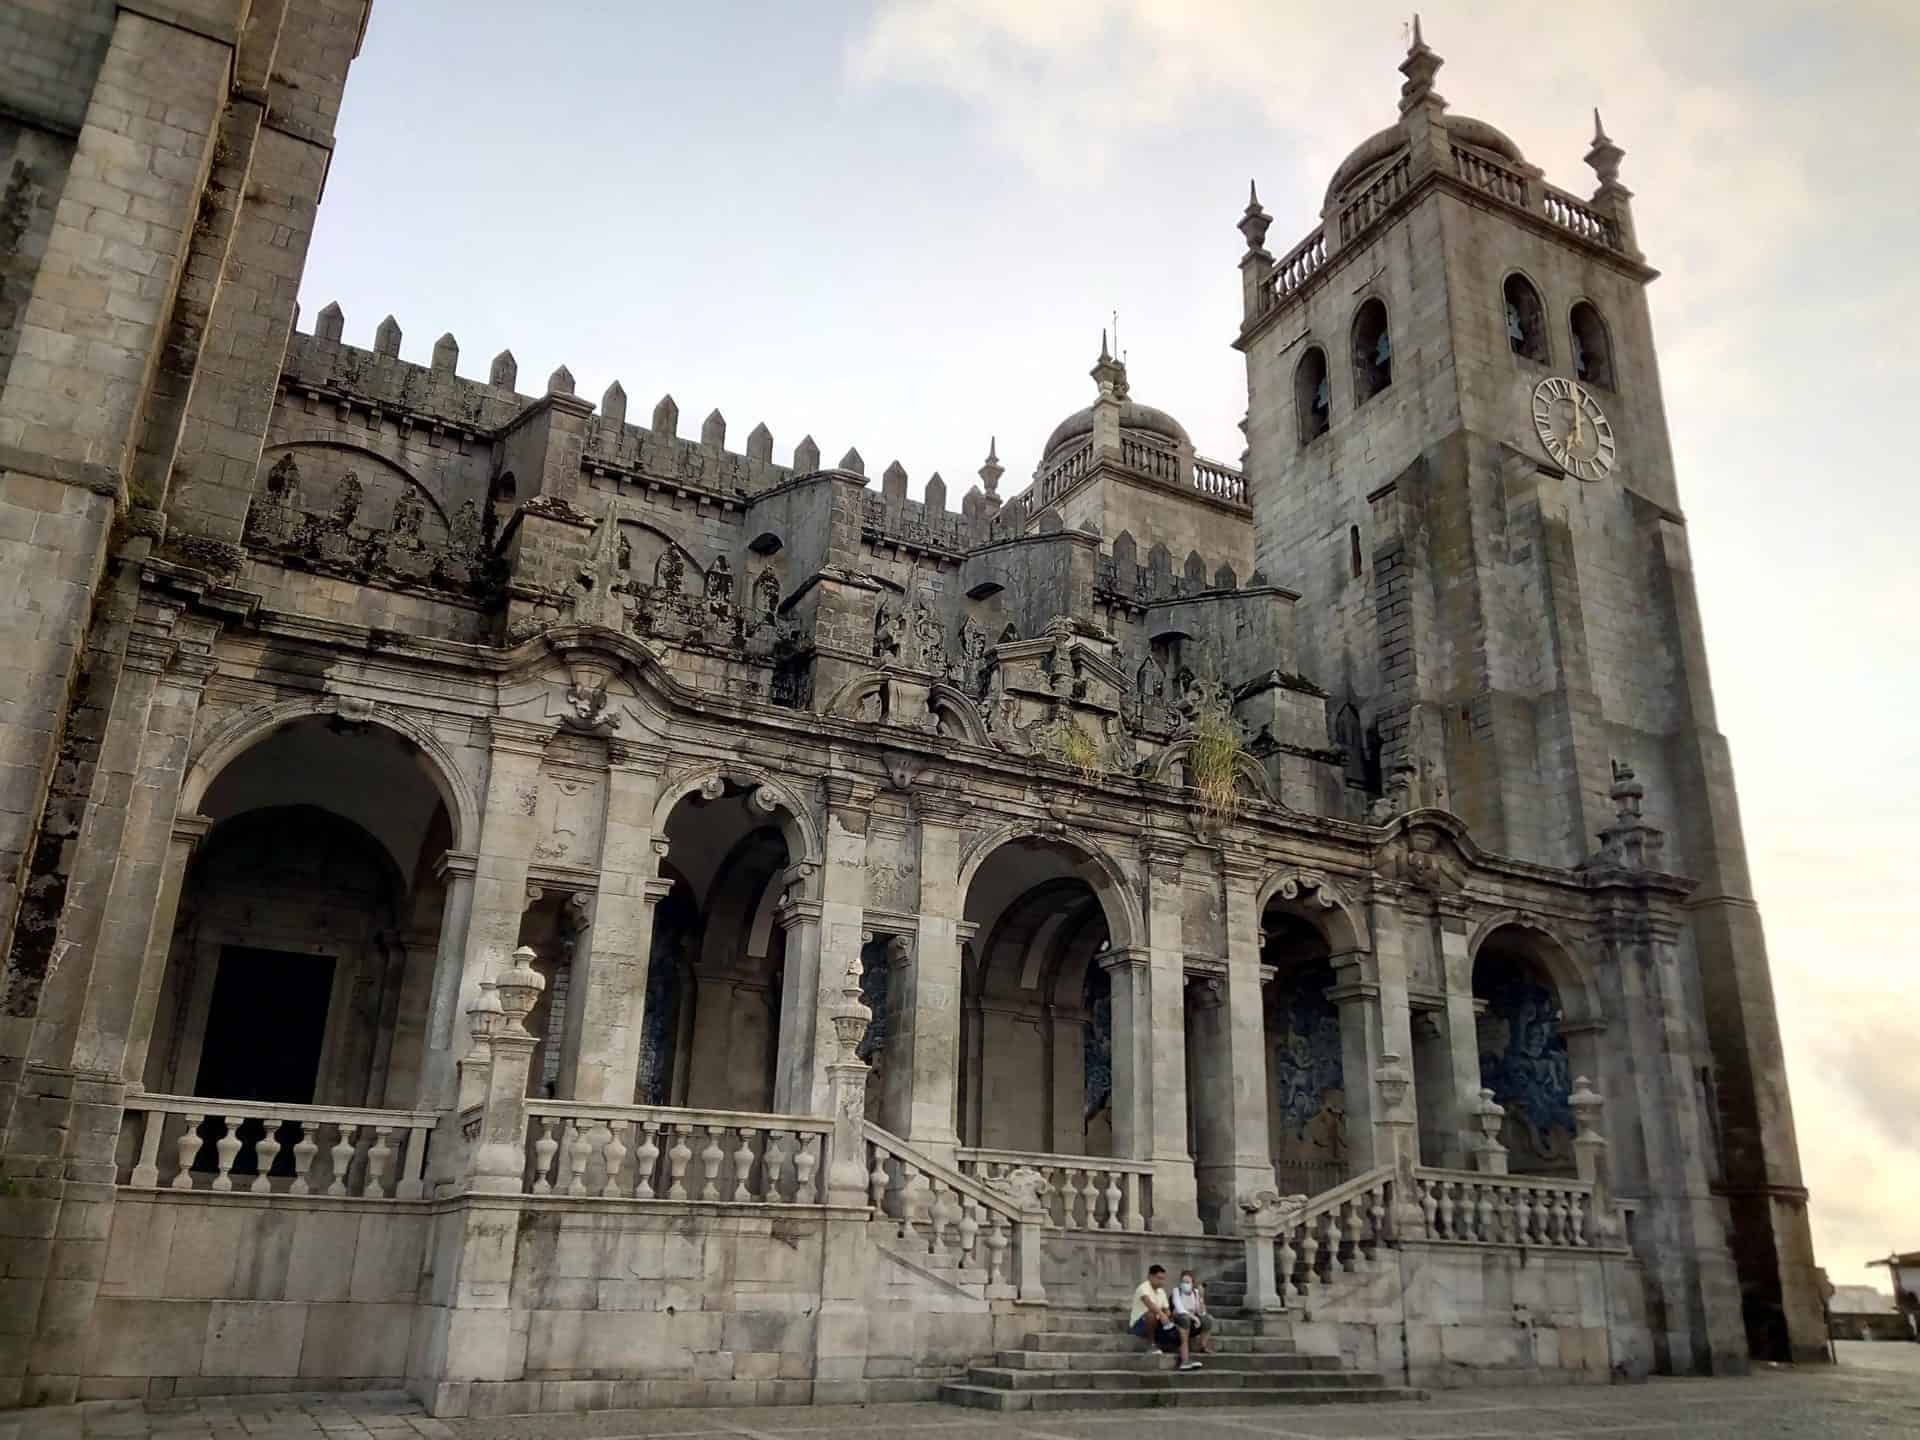 Porto_tourpoint1_cathedral_baroqueloggia_2